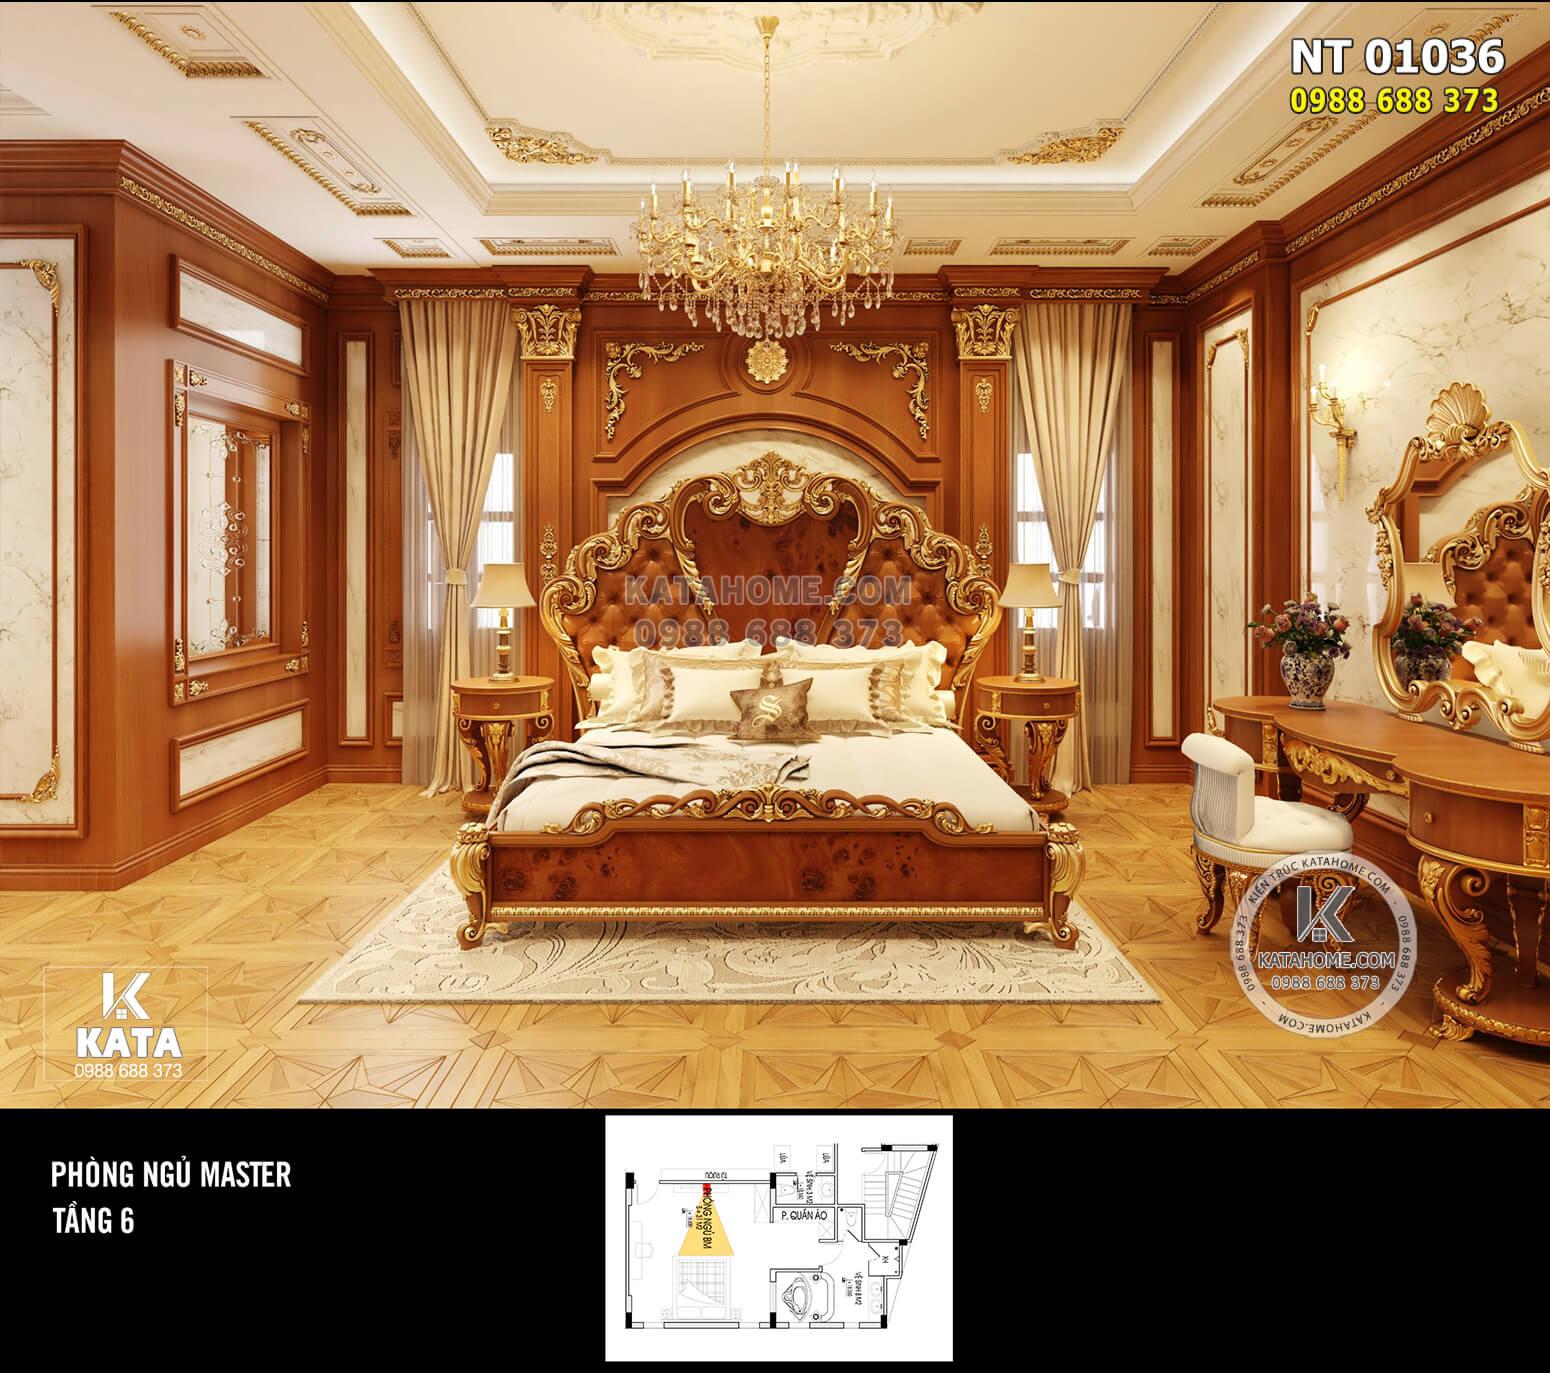 Thiết kế nội thất phòng ngủ Master tân cổ điển – NT 01036